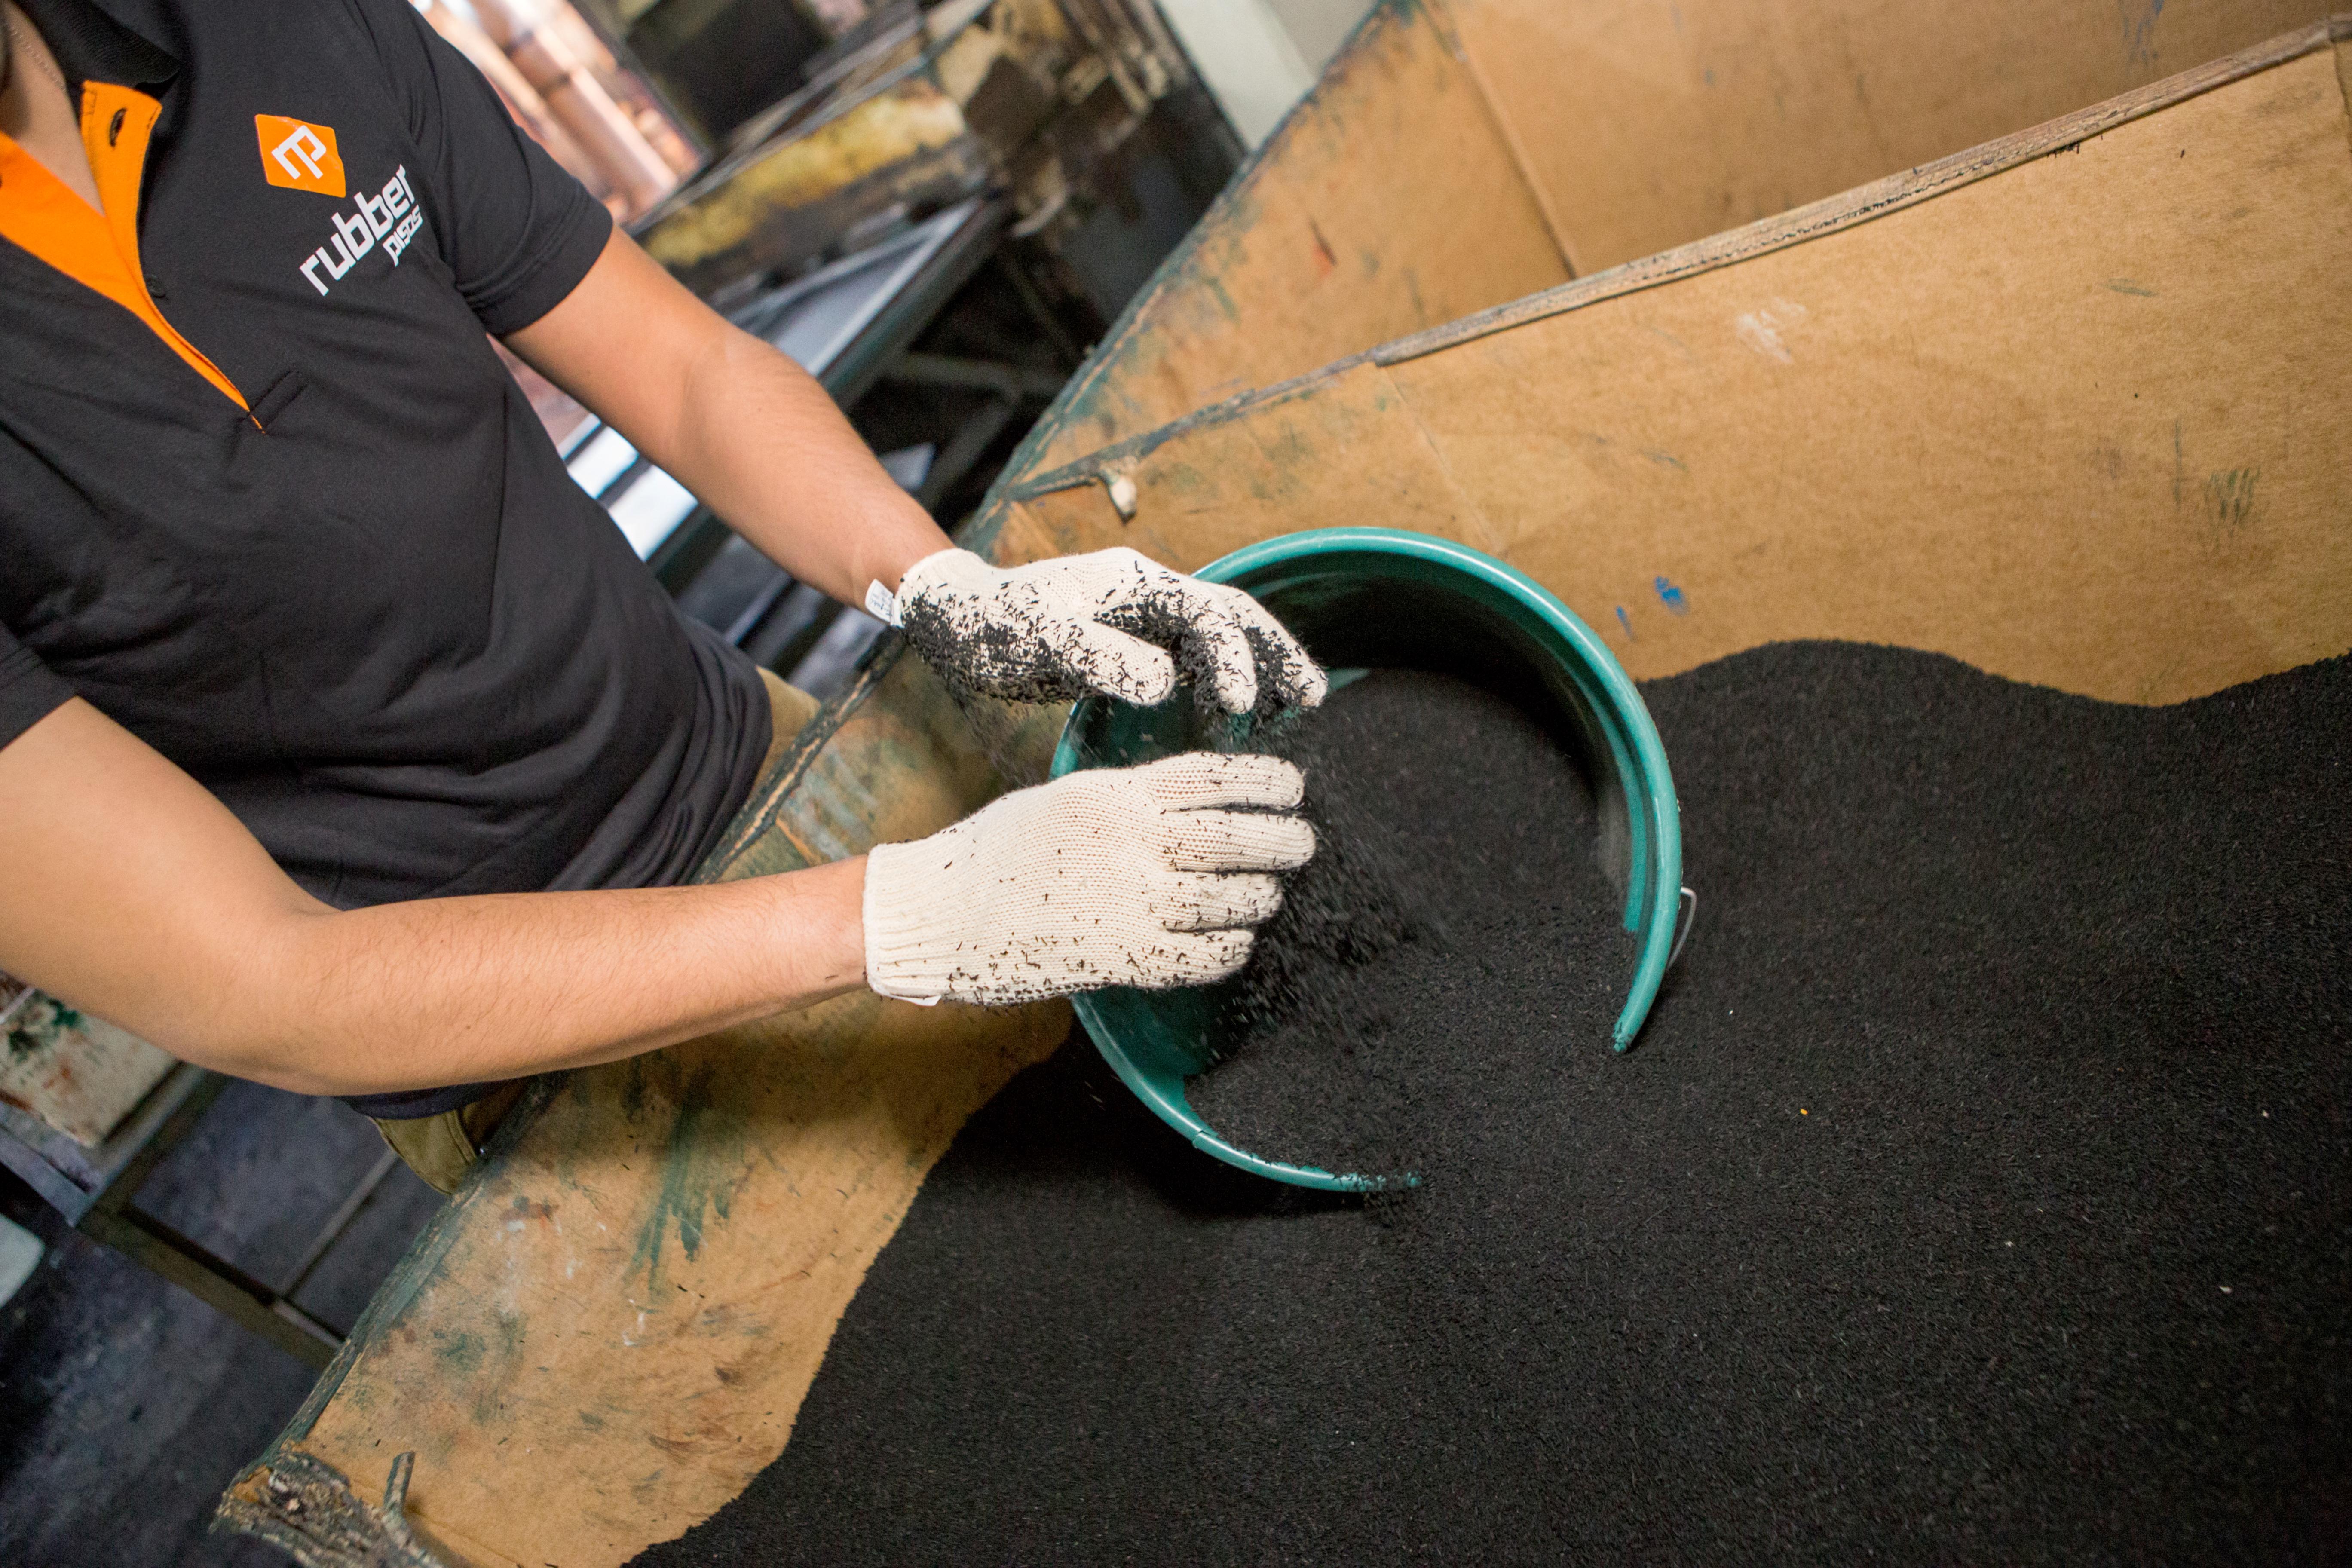 Qual a diferença entre o piso de borracha reciclada e o piso de borracha não reciclada?